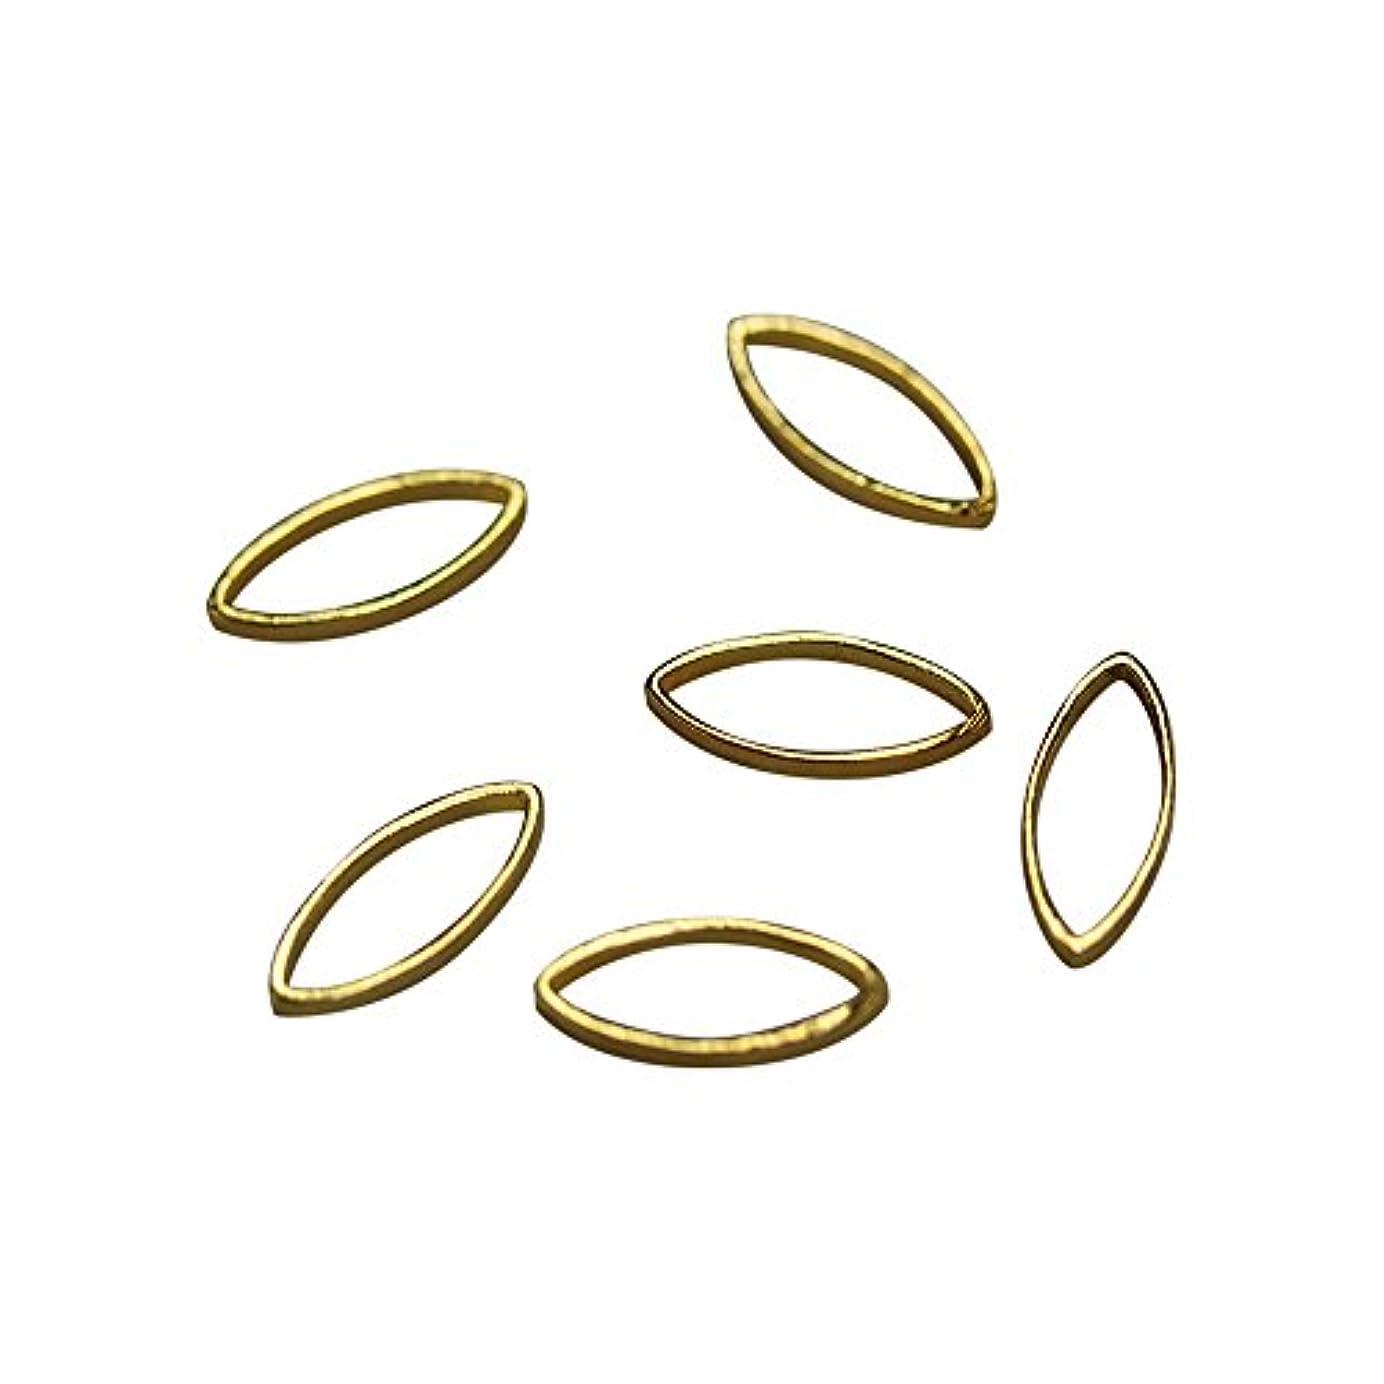 セットアップベイビー暴露するBonnail×RieNofuji Loop leaf S ゴールド